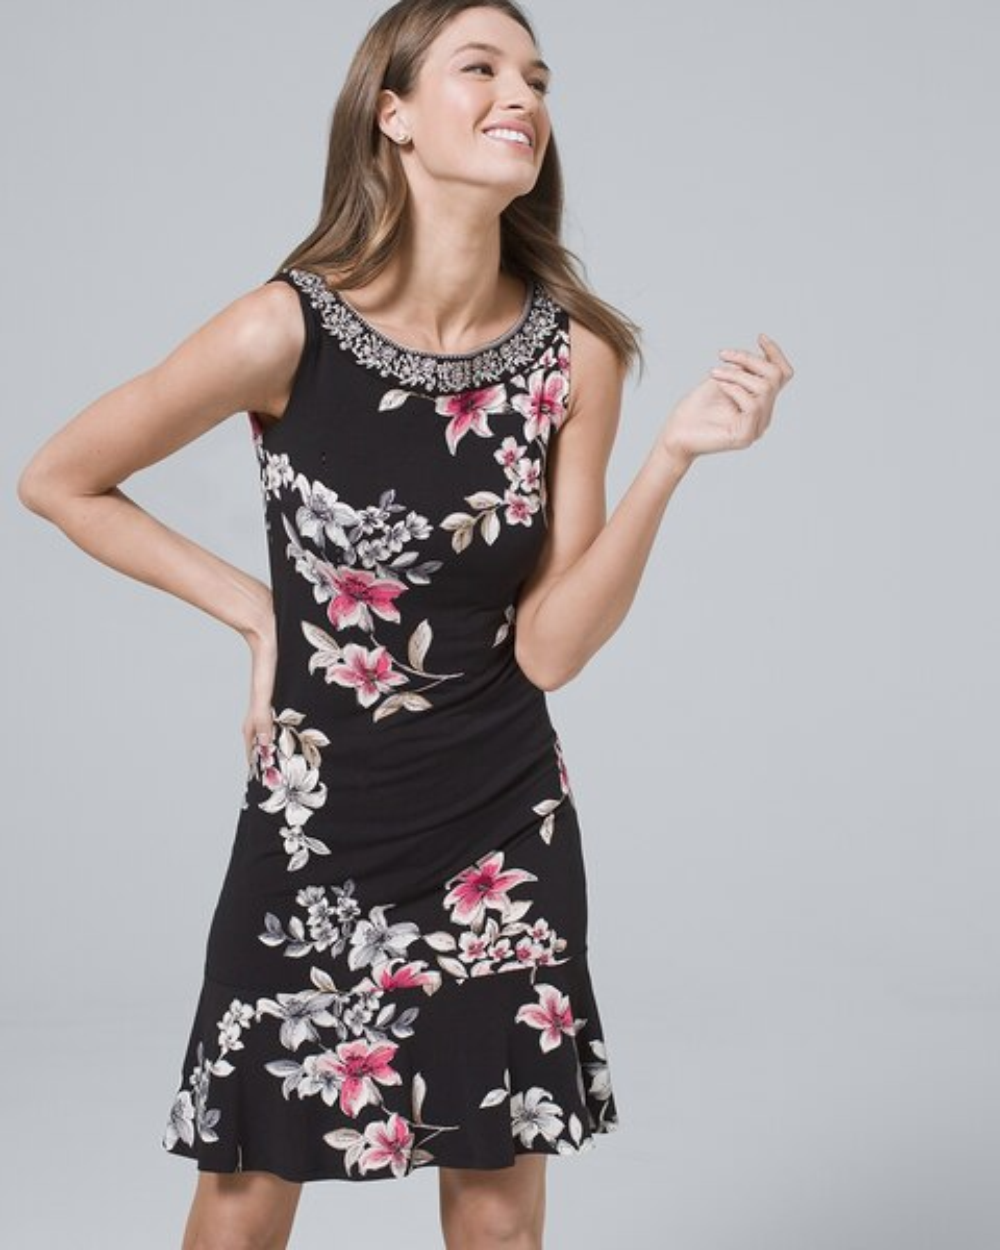 1bf849335a Polished Knit Embellished Flounce-Hem Floral Shift Dress - White House  Black Market